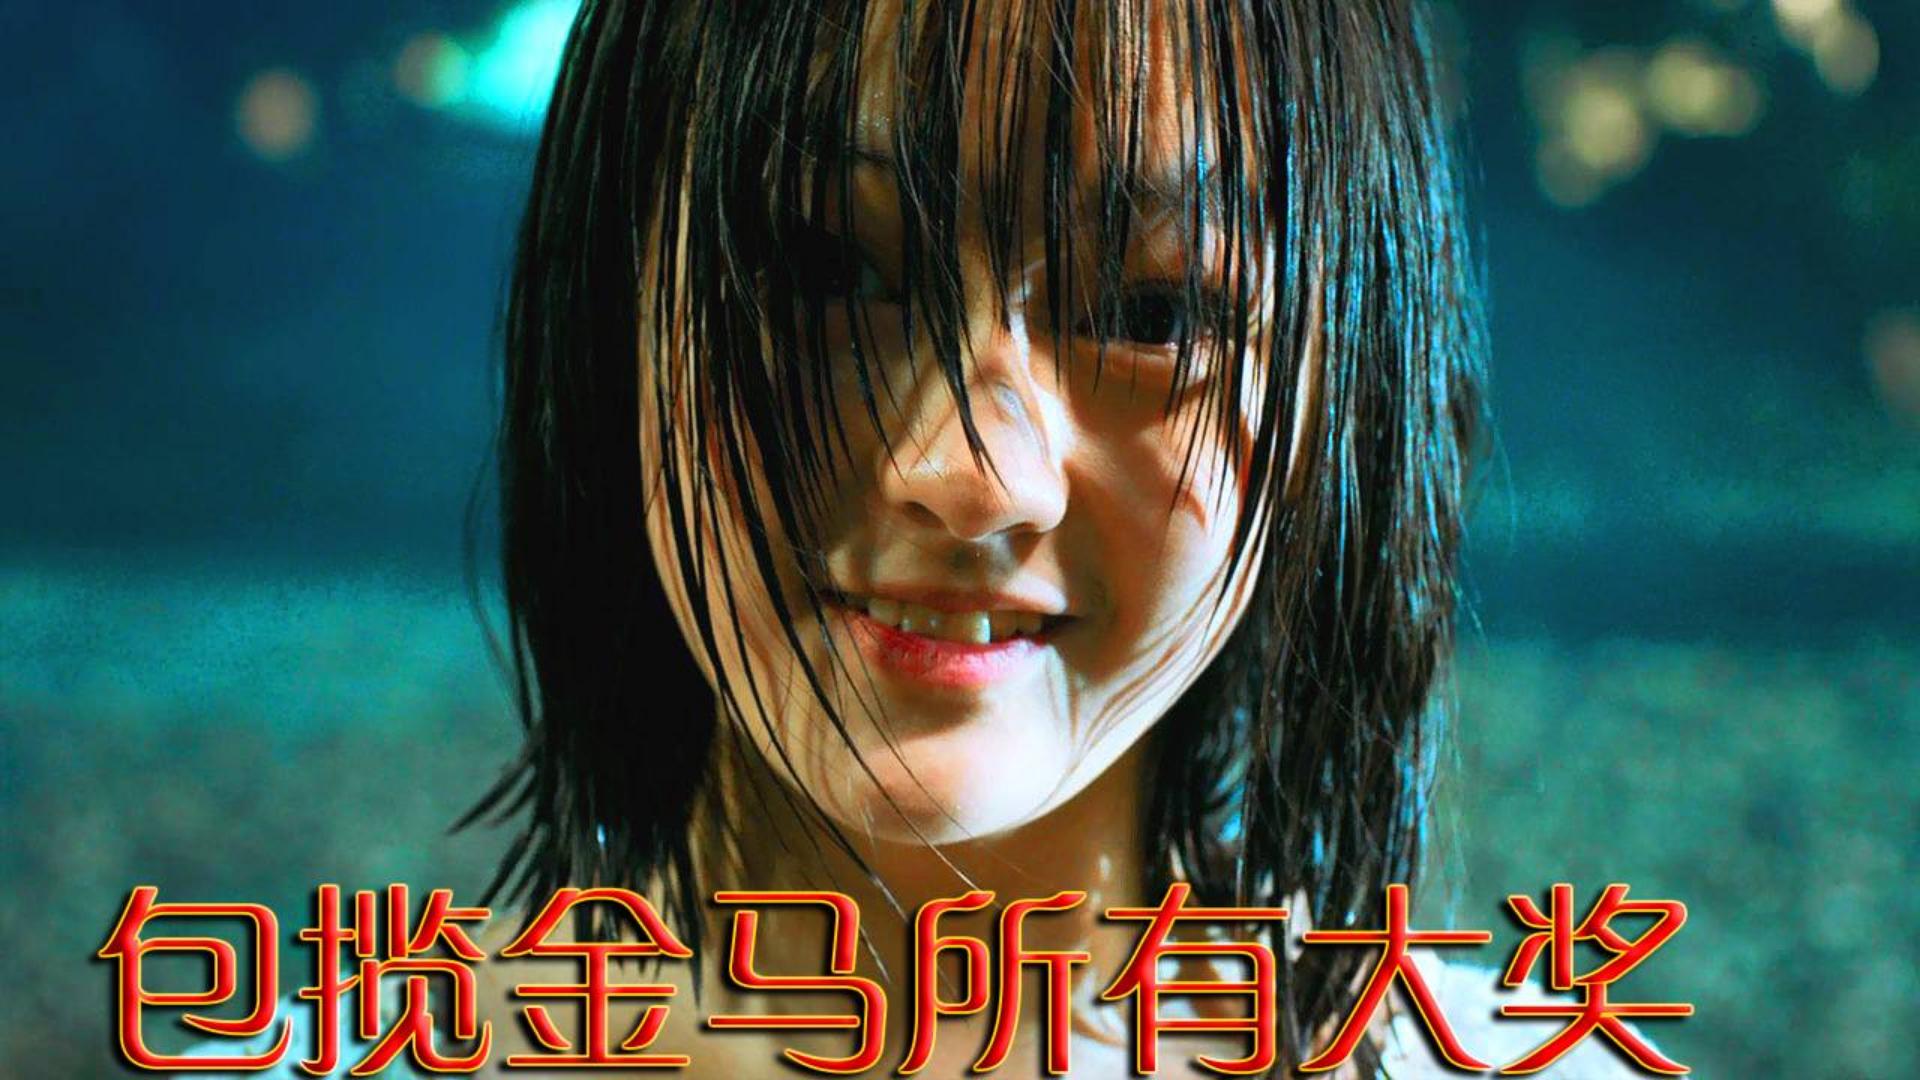 污师【81期】金马奖最佳影片影后十二岁生下女儿姐妹相称《血观音》惠英红、吴可熙、文淇